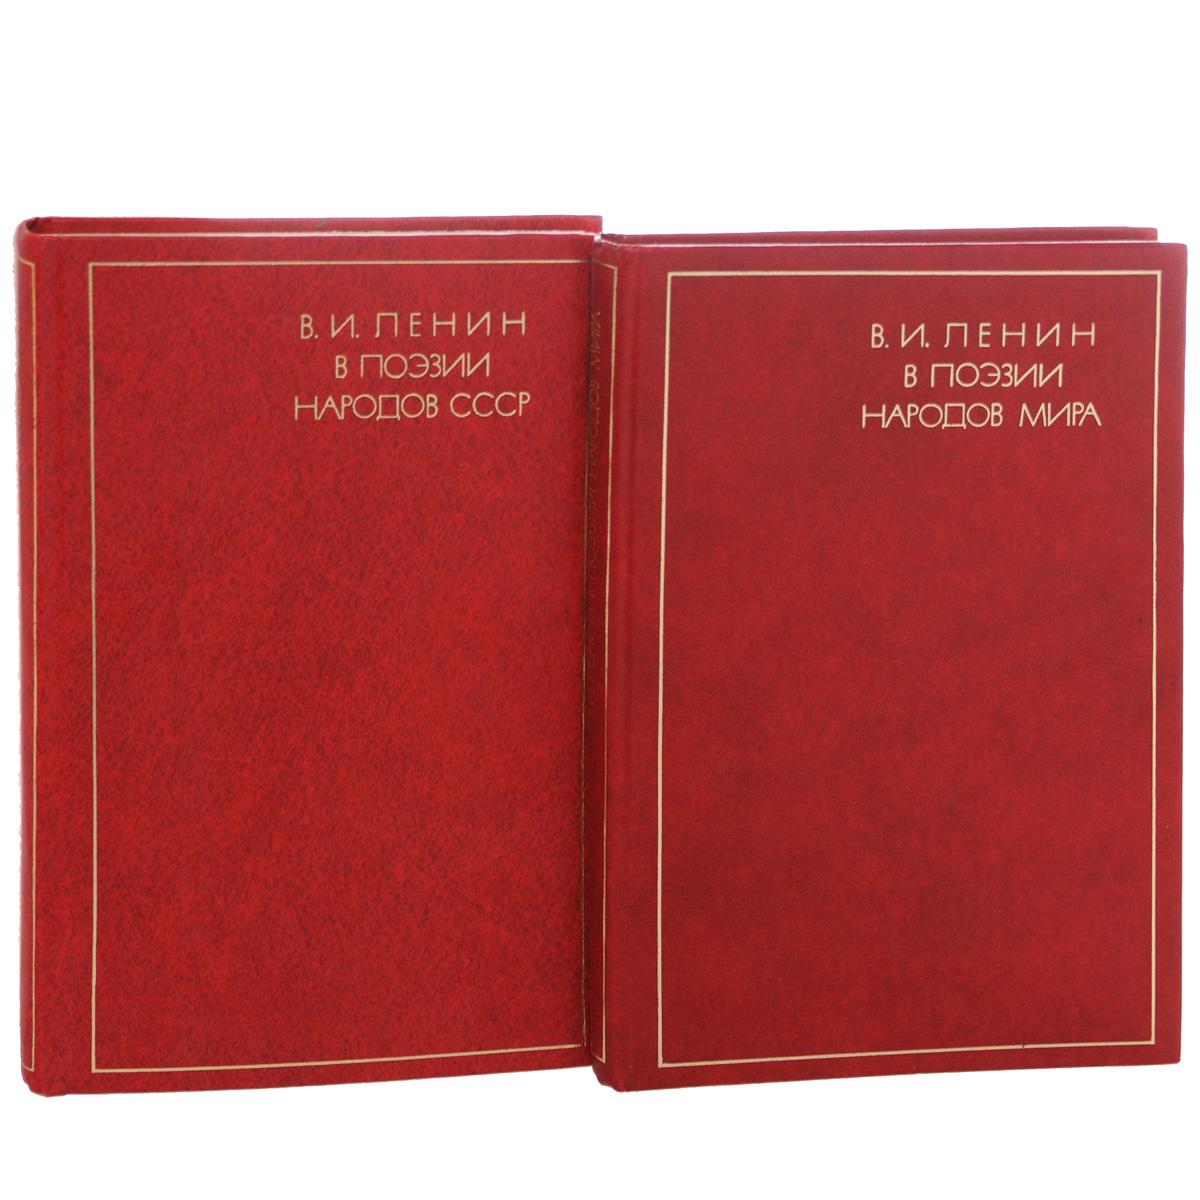 В. И. Ленин в поэзии народов СССР. В. И. Ленин в поэзии народов мира (комплект из 2 книг)